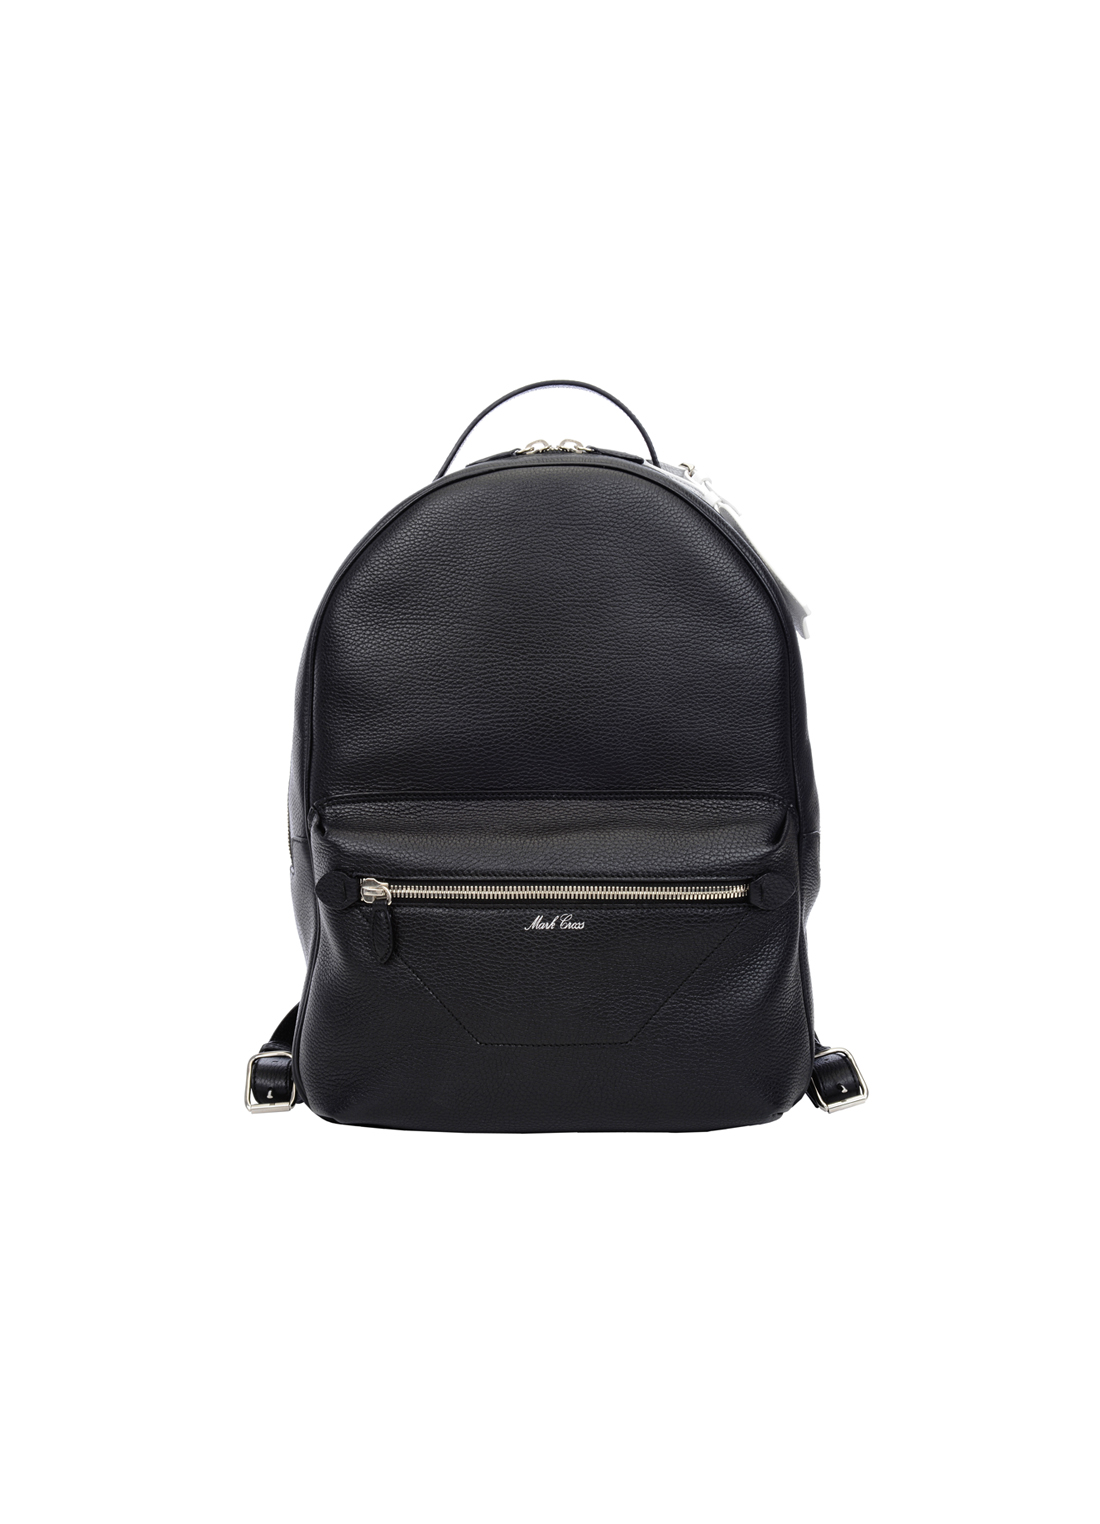 Black backpack from Mark Cross